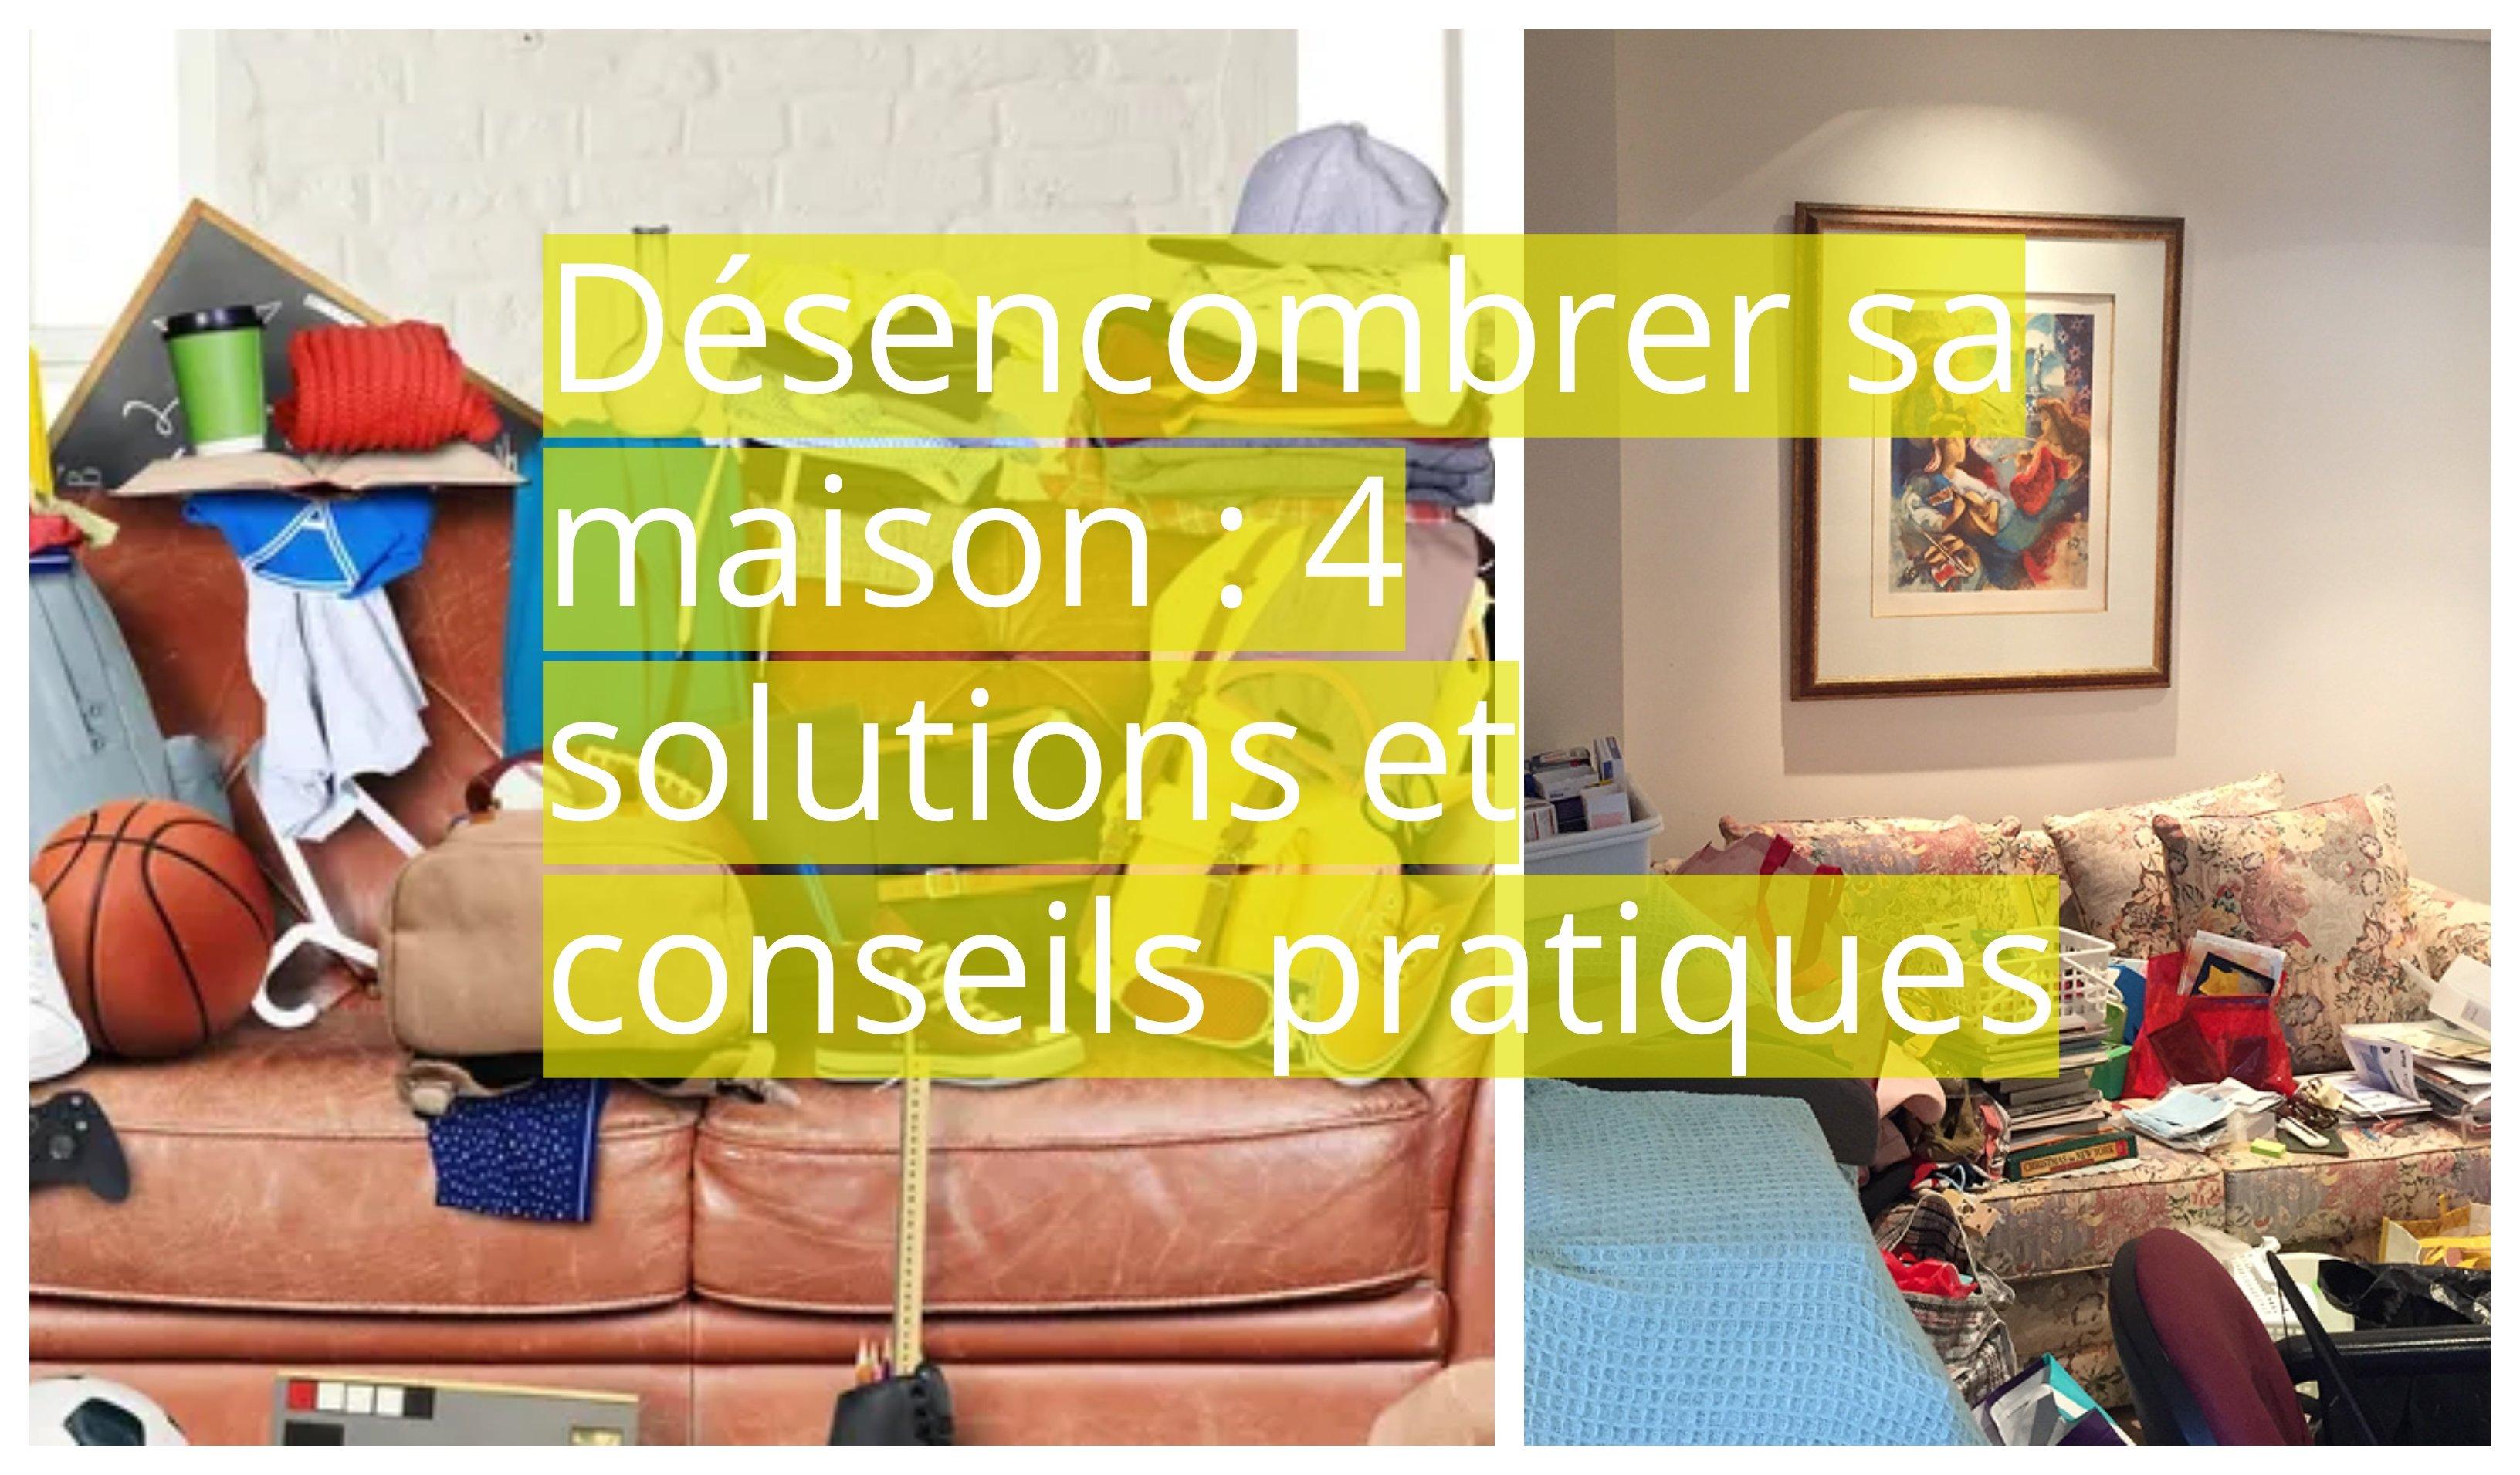 d sencombrer sa maison 4 solutions et conseils pratiques. Black Bedroom Furniture Sets. Home Design Ideas